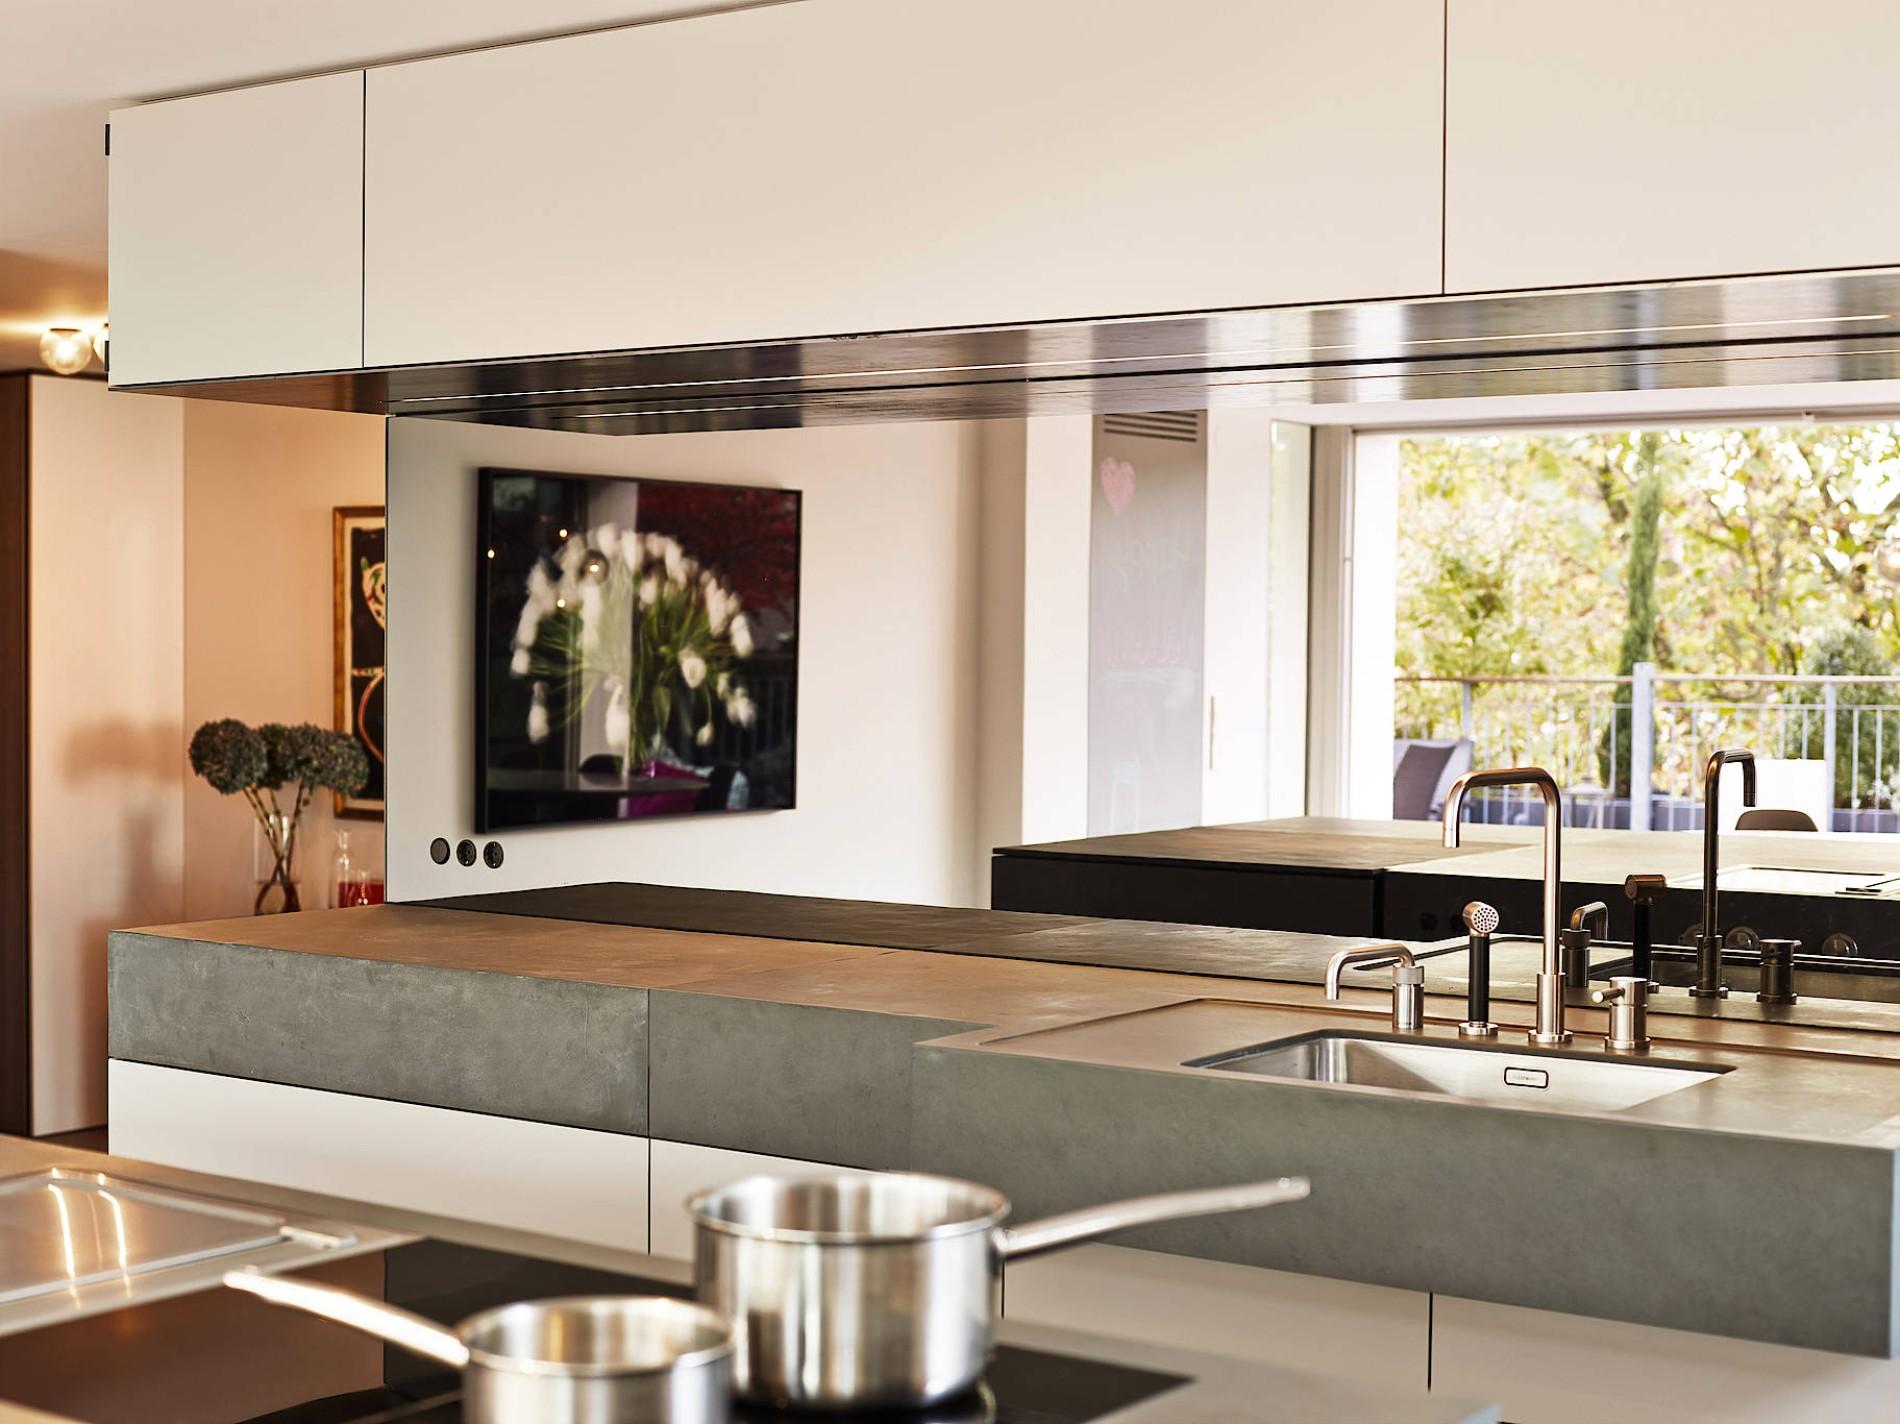 Full Size of Alternativen Zur Herkmmlichen Einbaukche Sofa Alternatives Küchen Regal Wohnzimmer Alternative Küchen